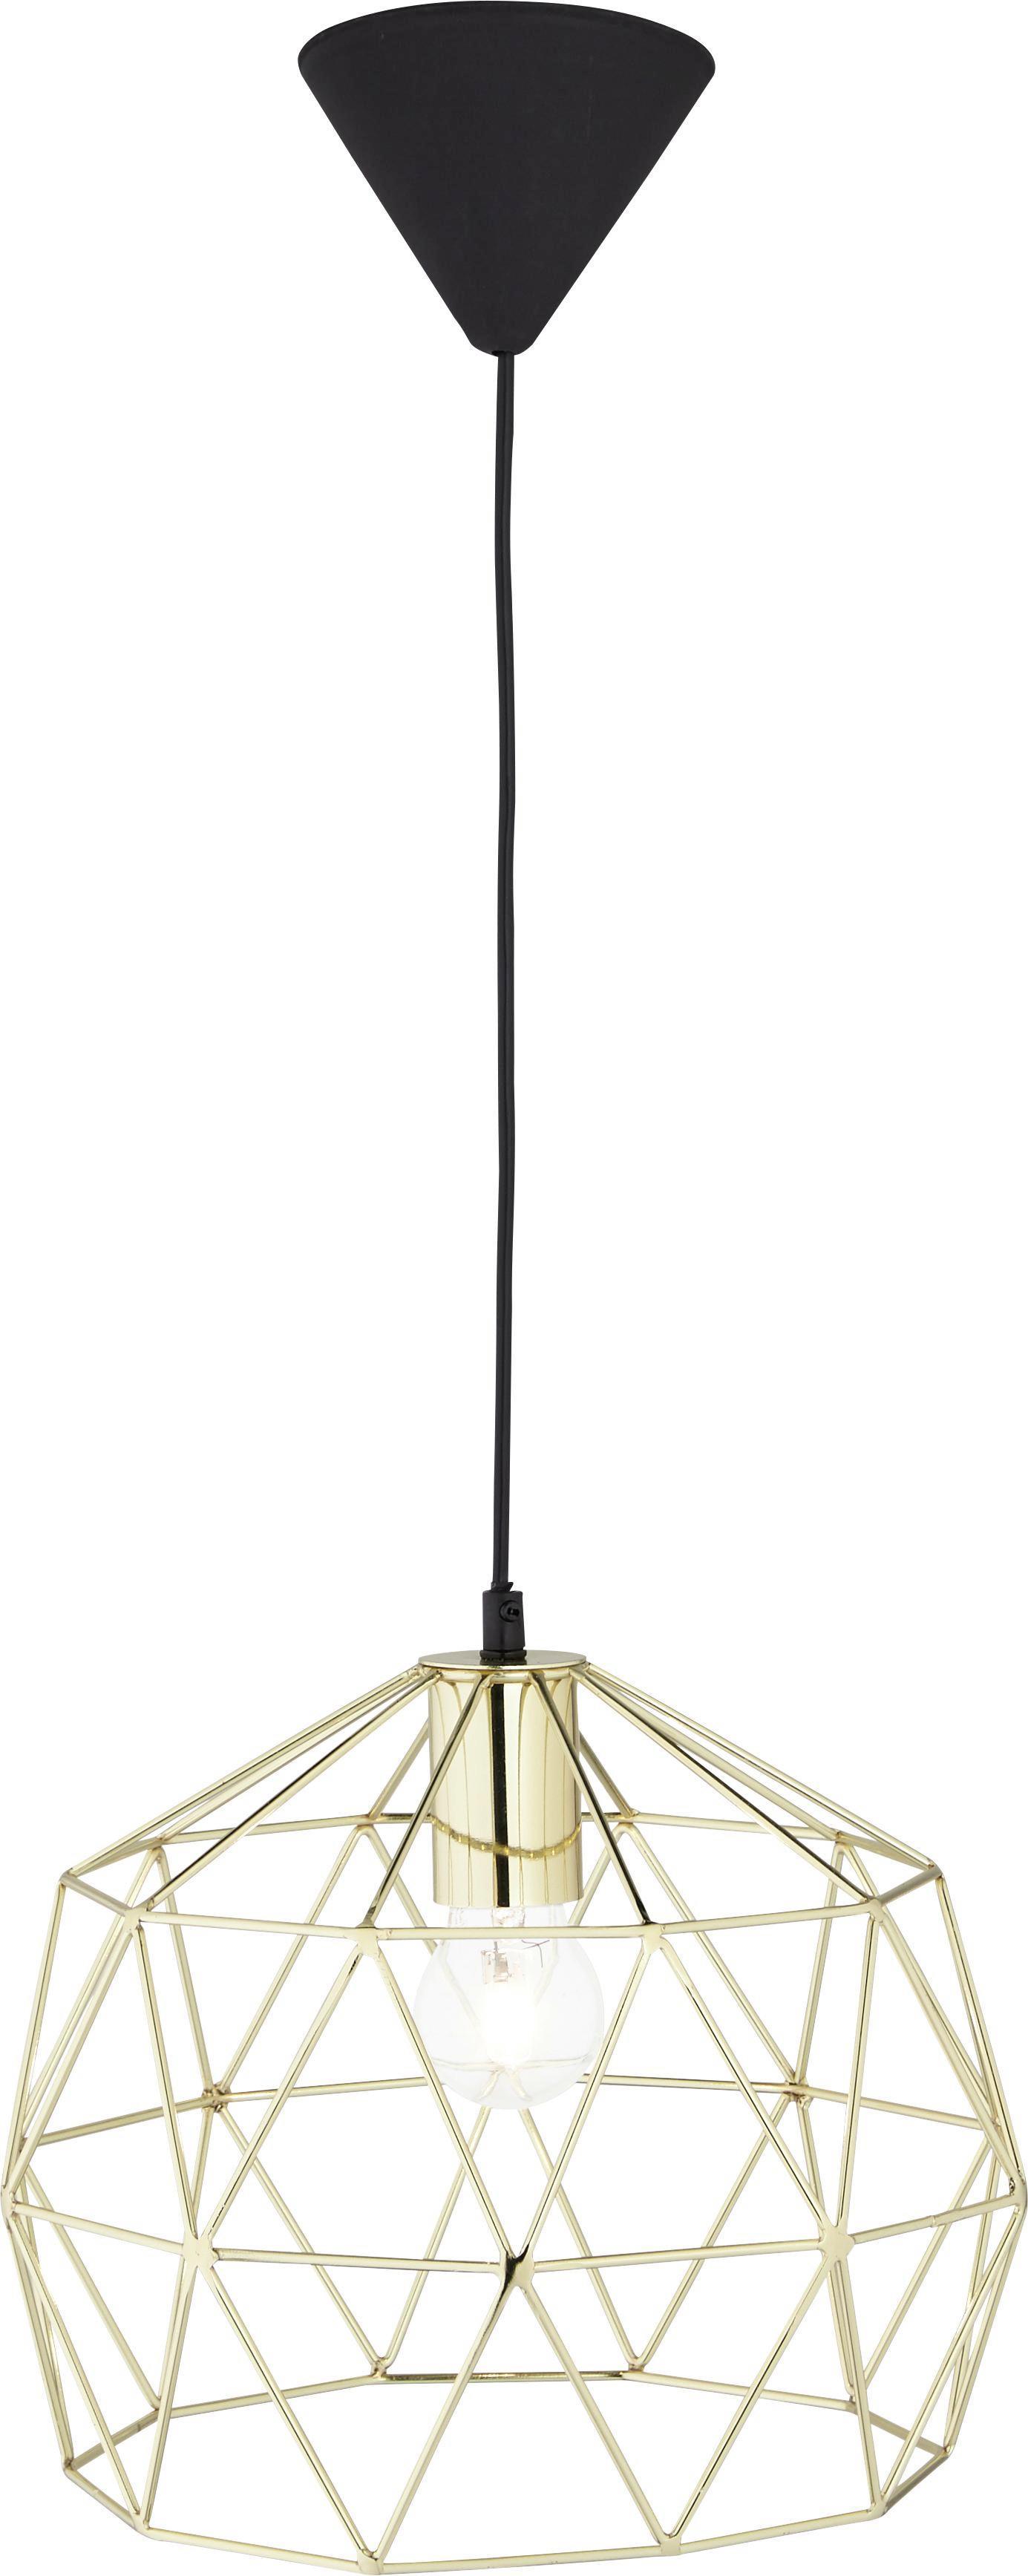 Hängeleuchte Yanis - Bronzefarben, MODERN, Kunststoff/Metall (30/30/135cm) - MÖMAX modern living